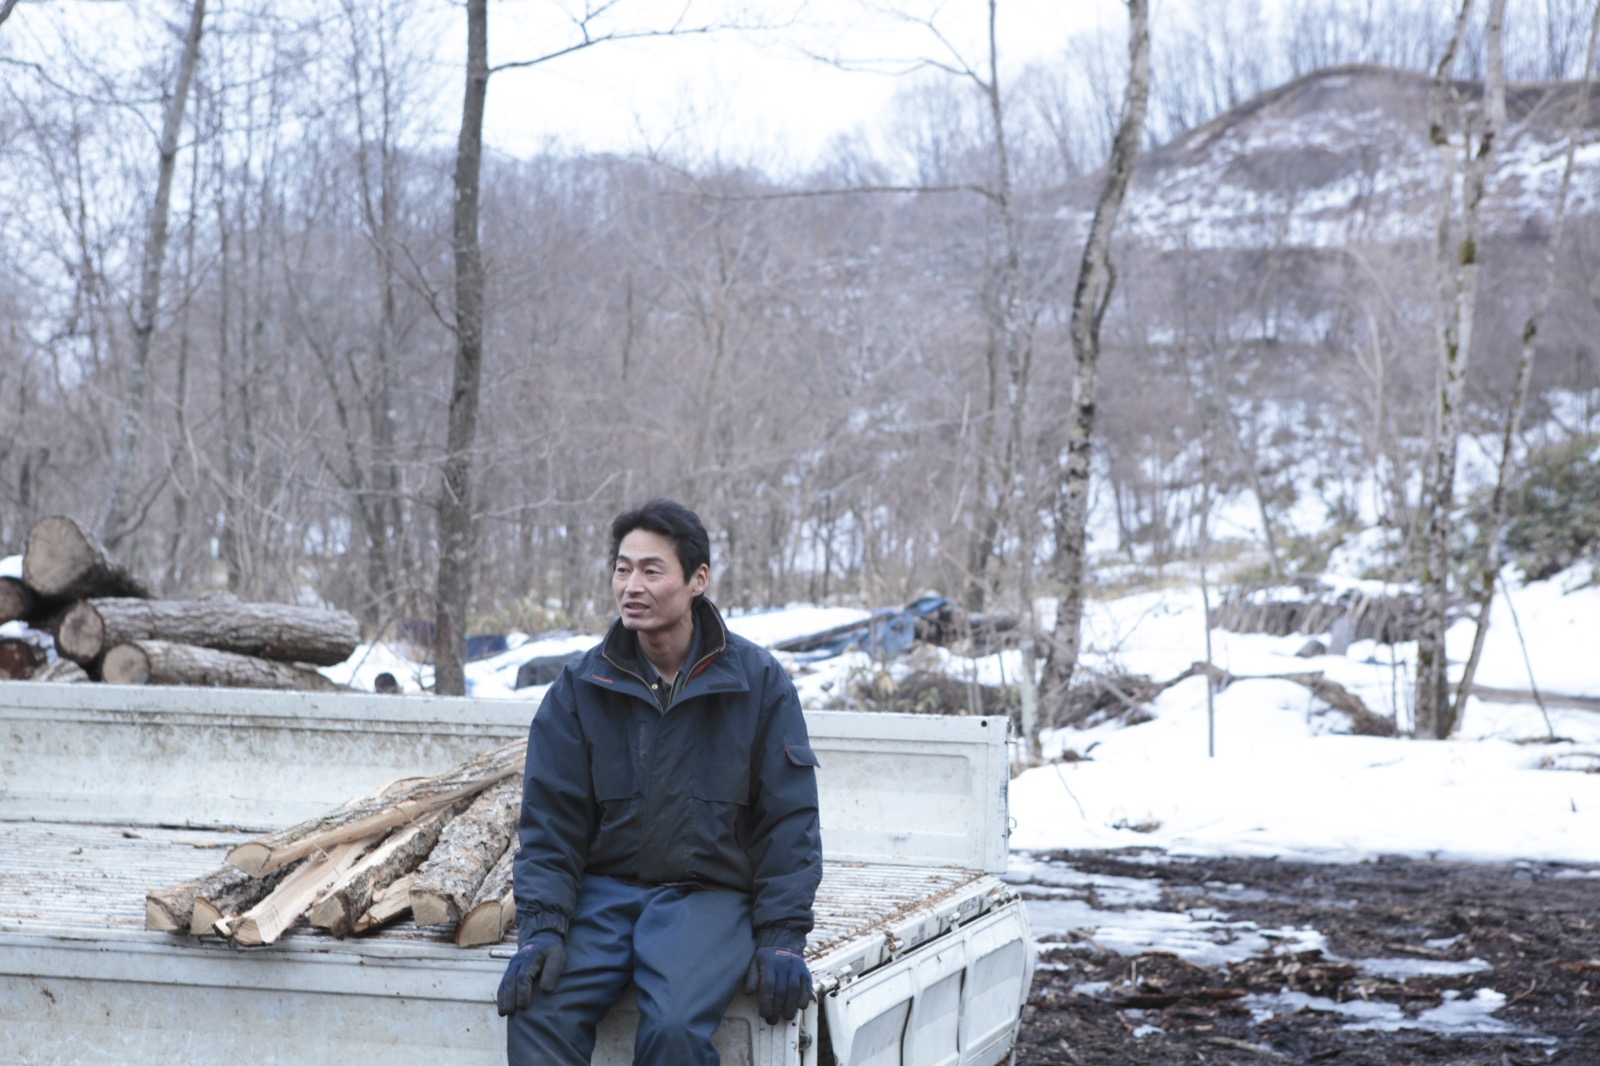 株式会社大西林業「北の大地で、一本の木を見つめ続ける眼差し」(北海道白老町)